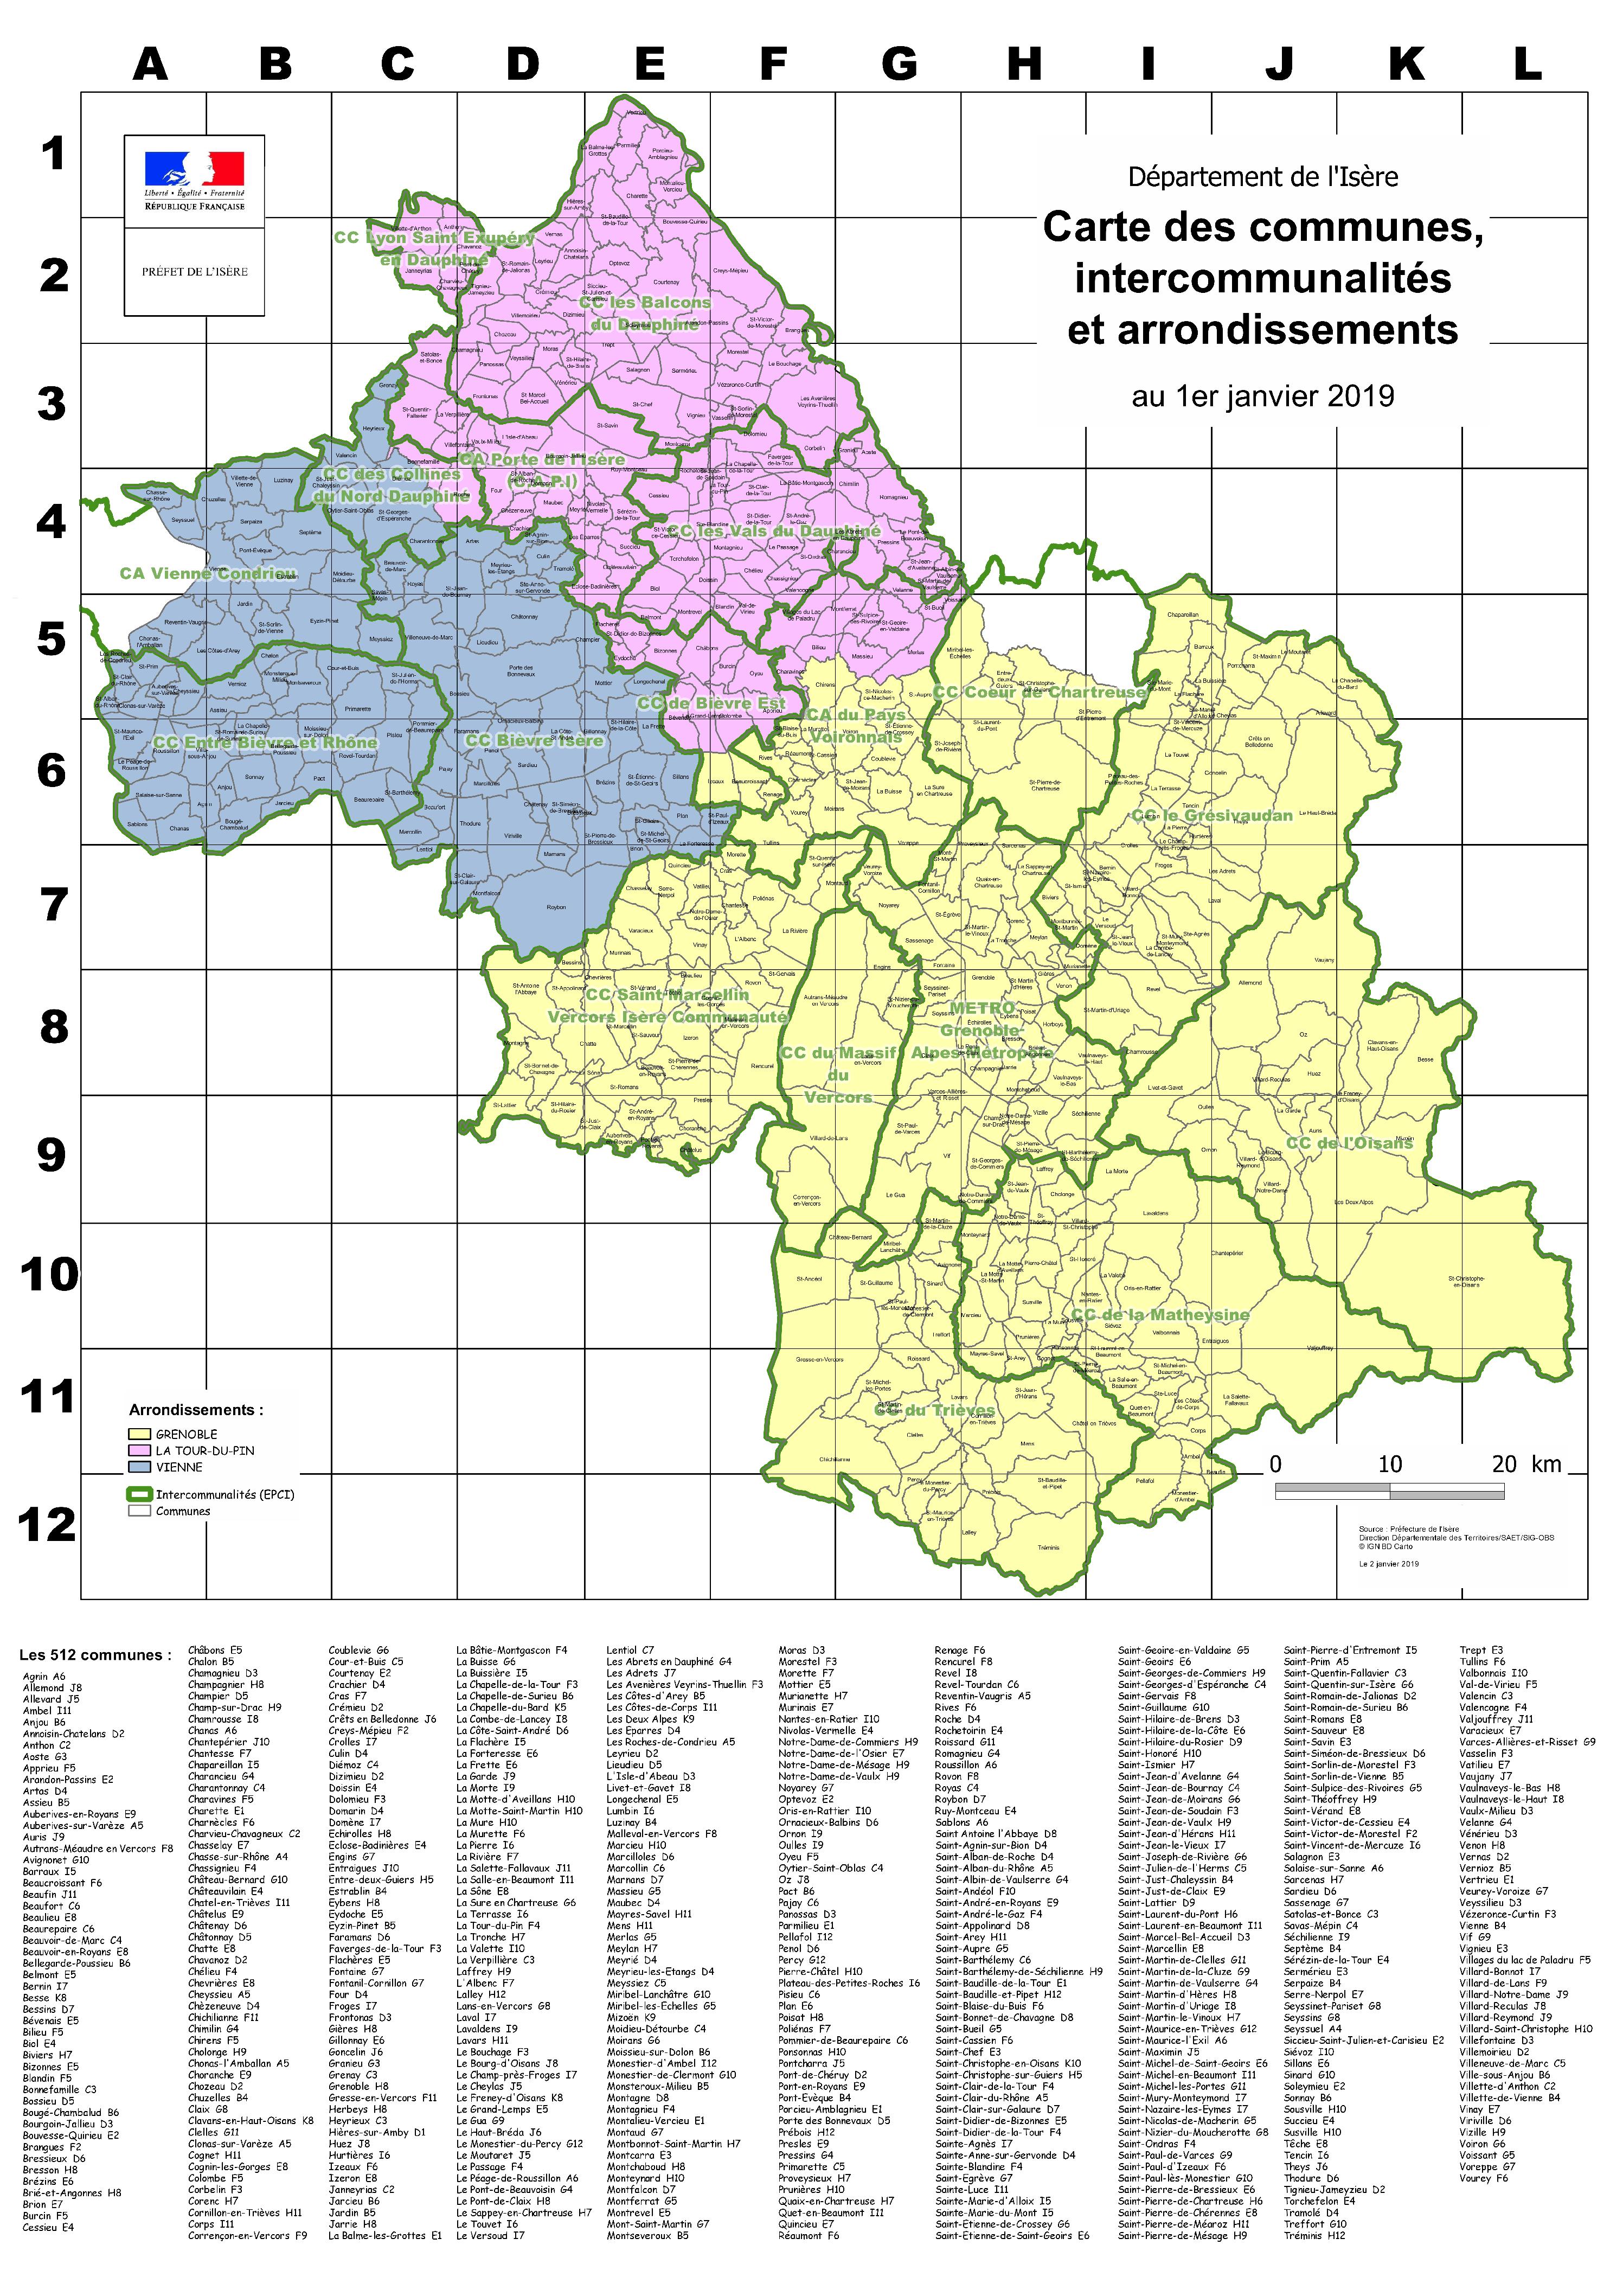 carte de l isere Les 512 communes de l'Isère / Organisation / Contexte local